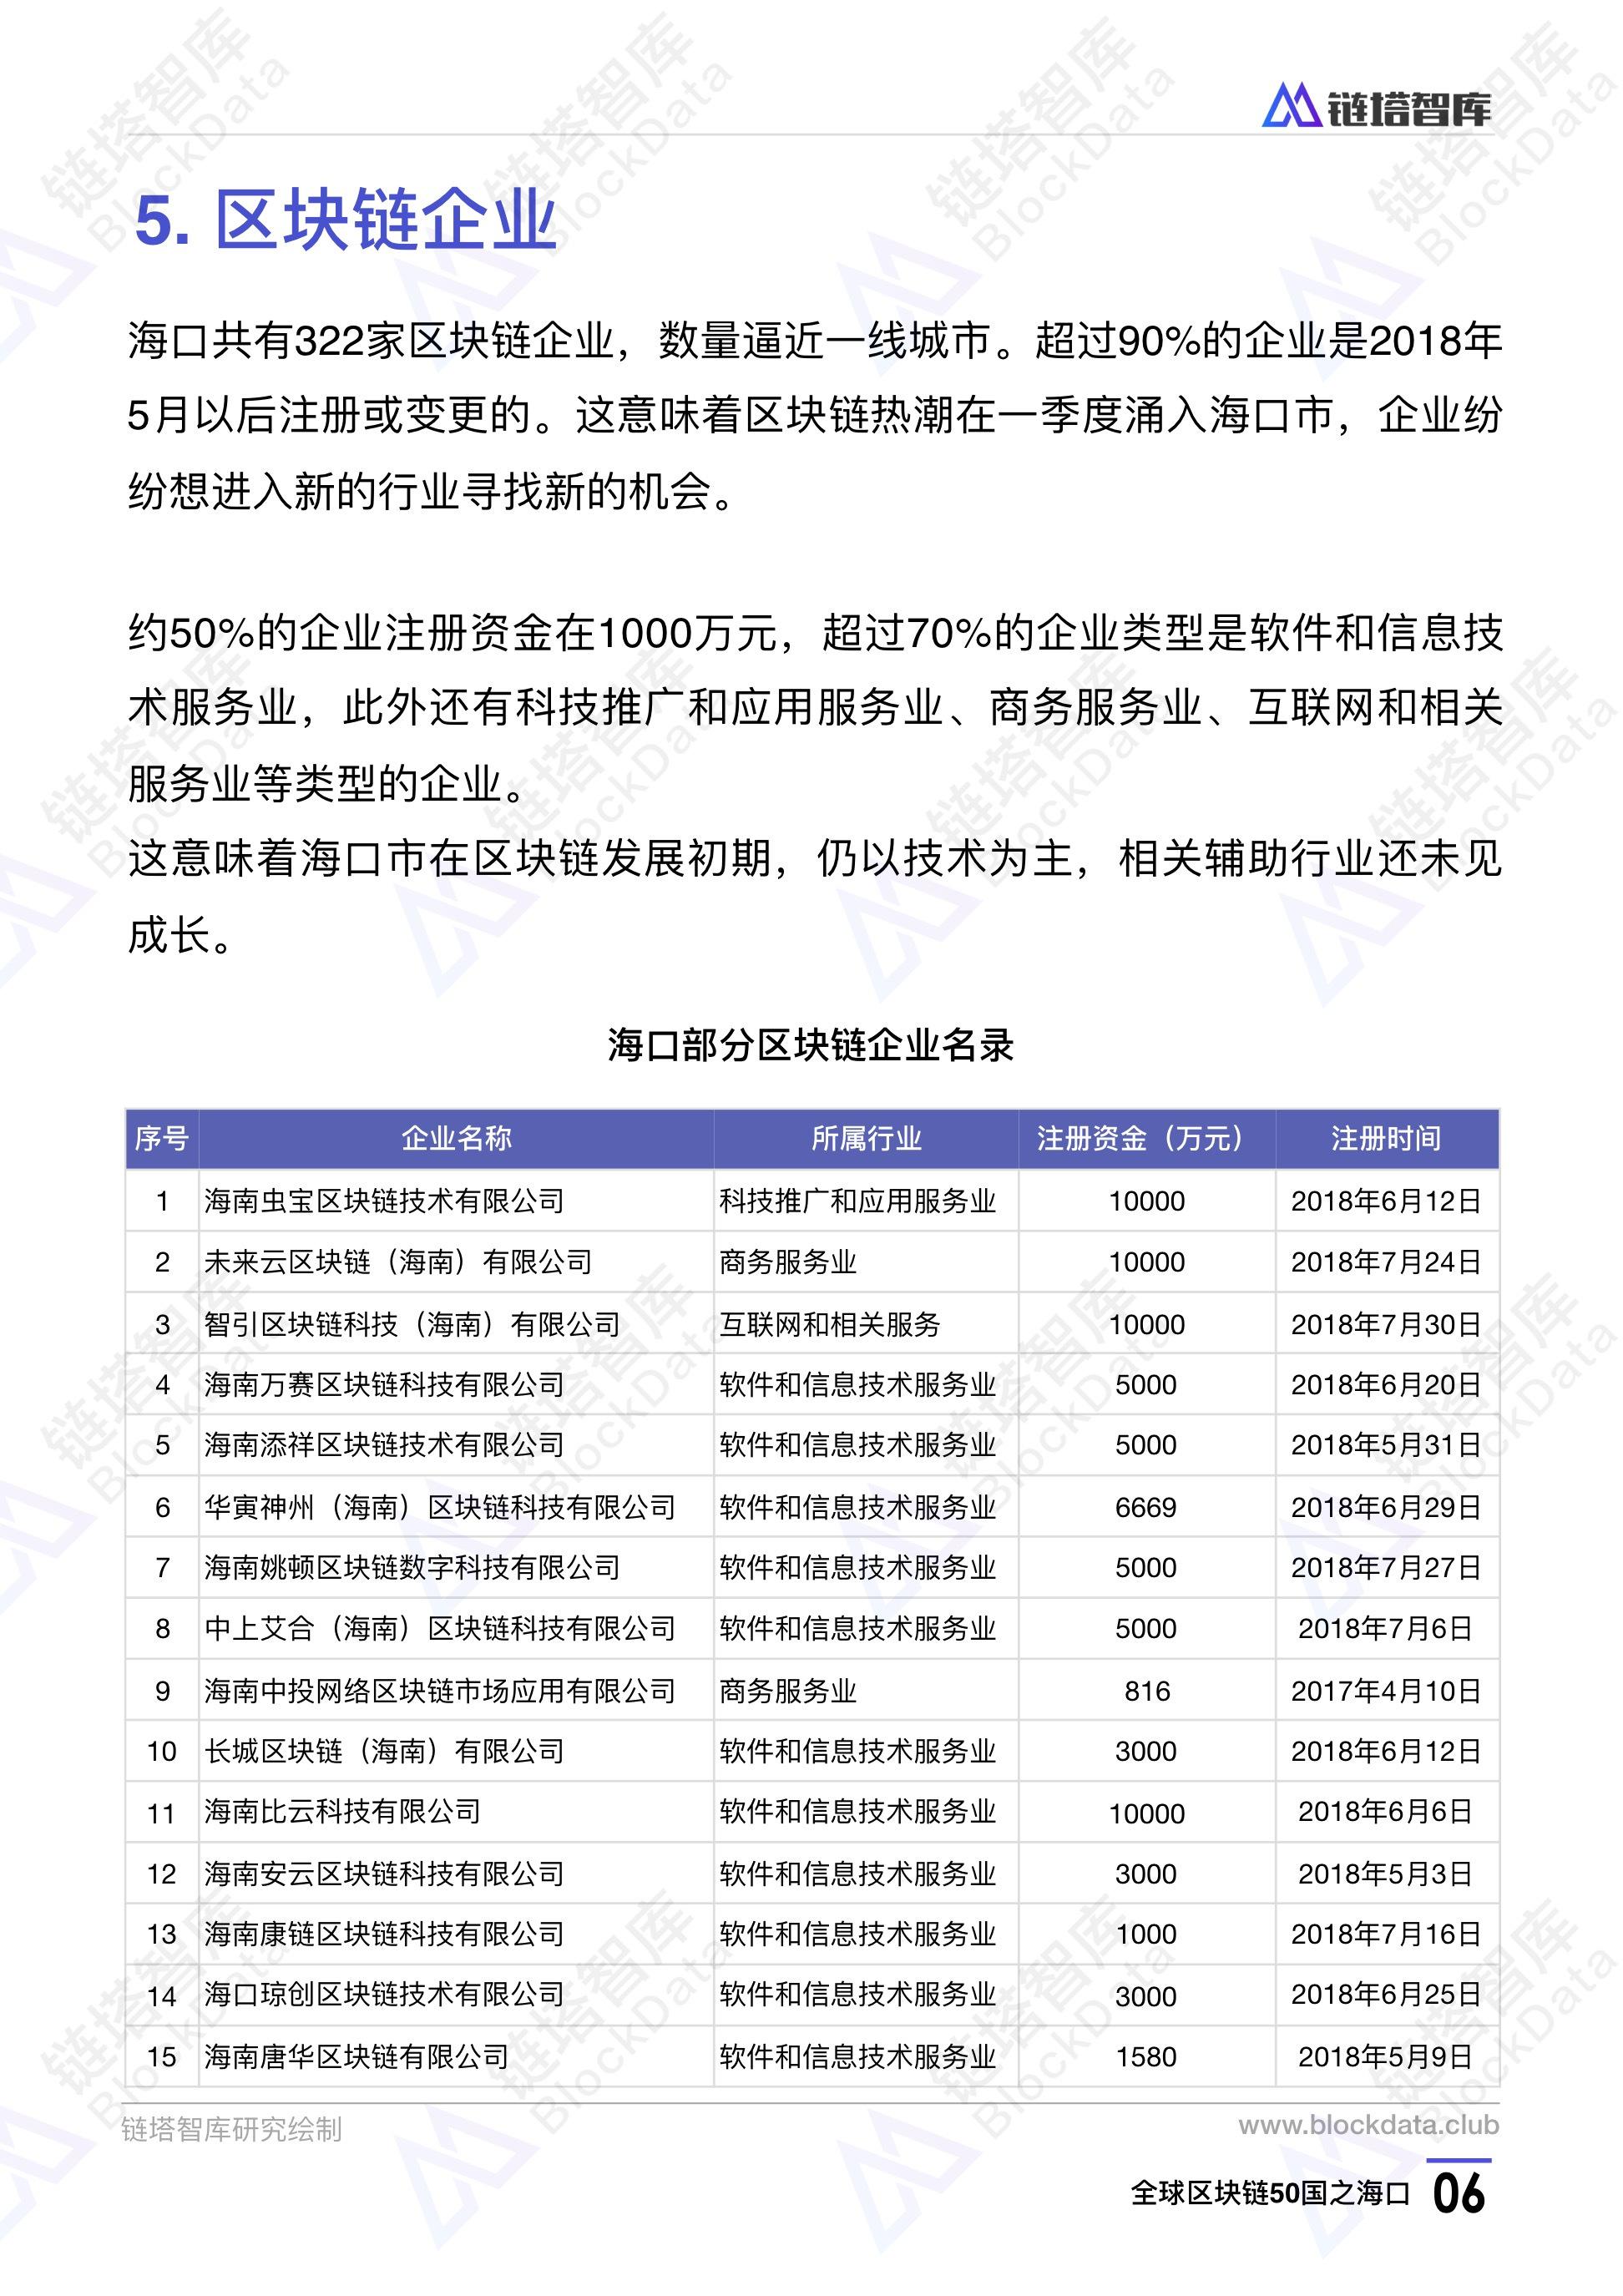 中国区块链50城——海口:注册企业数量逼近一线城市 落地项目远逊公众预期